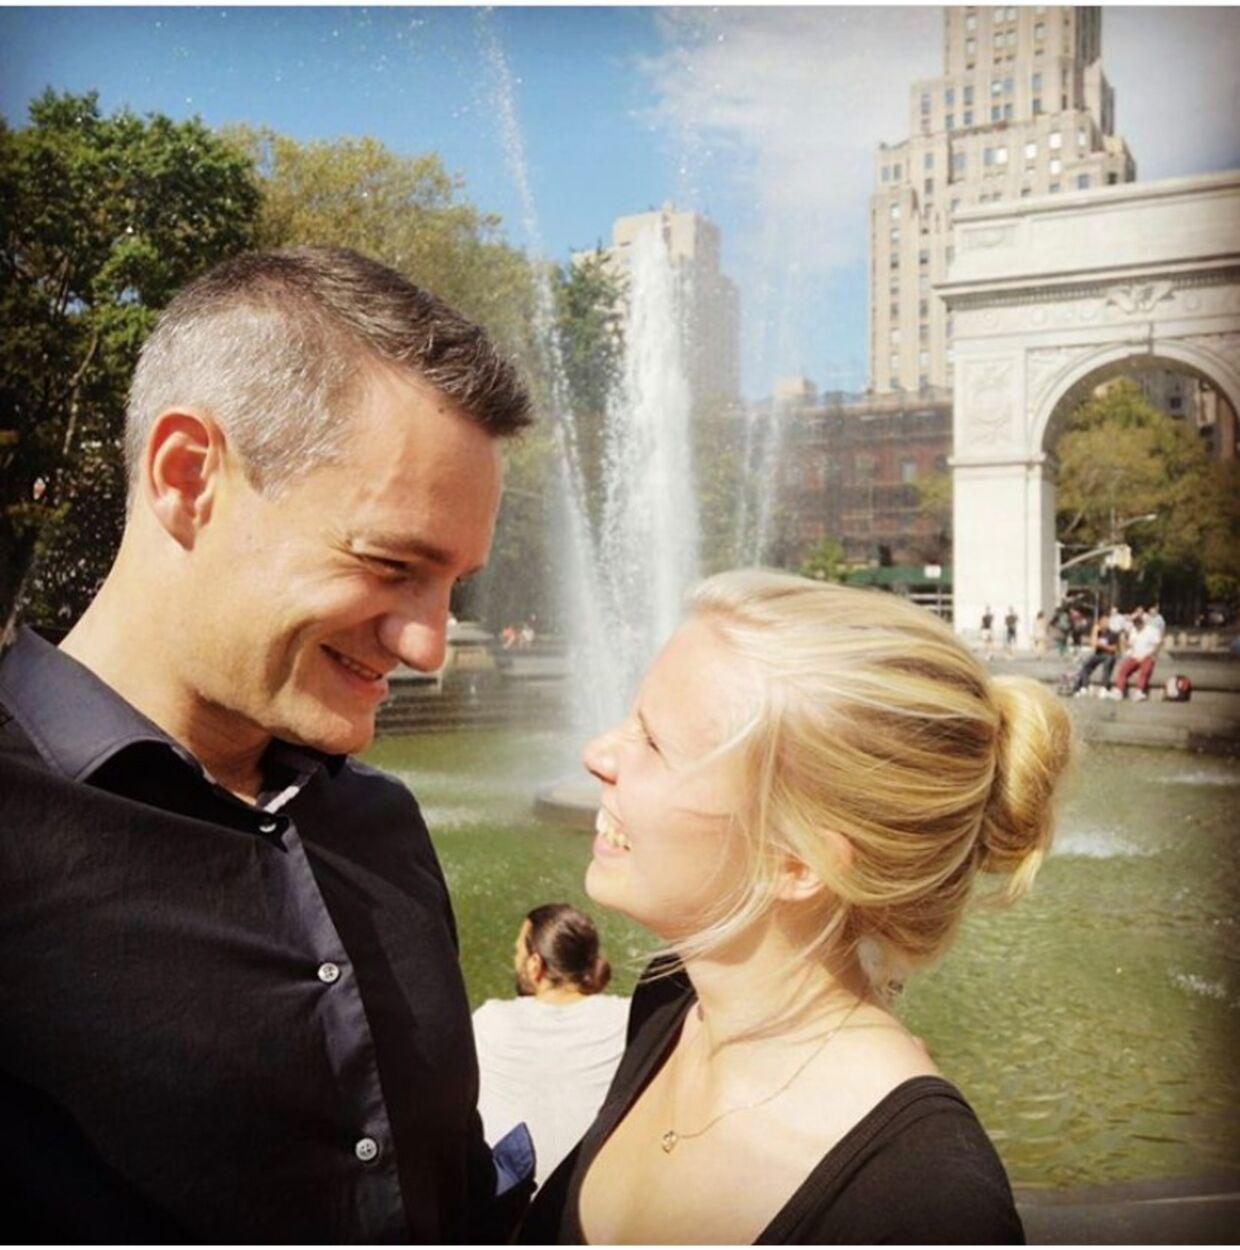 Rasmus Jarlov og Julie i Washington. »Hun er det mest gavmilde og smukke menneske, jeg har mødt,« siger Rasmus Jarlov. Privatfoto.